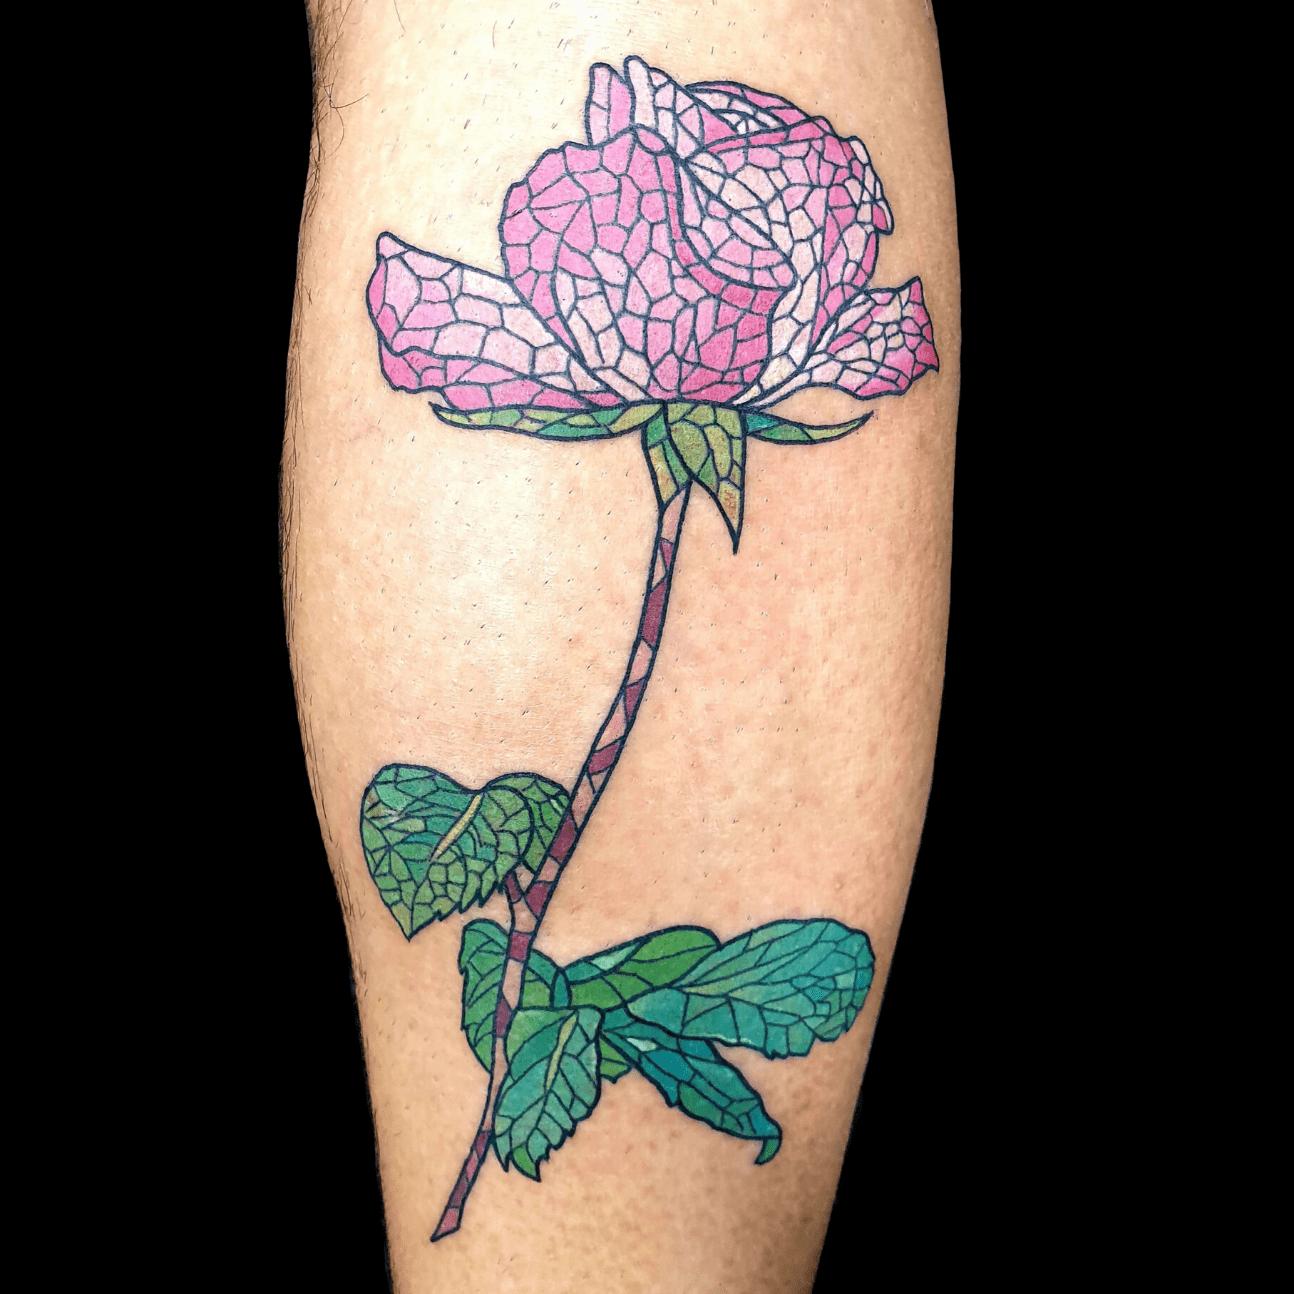 Rosa tatuaggio stile mosaico alt